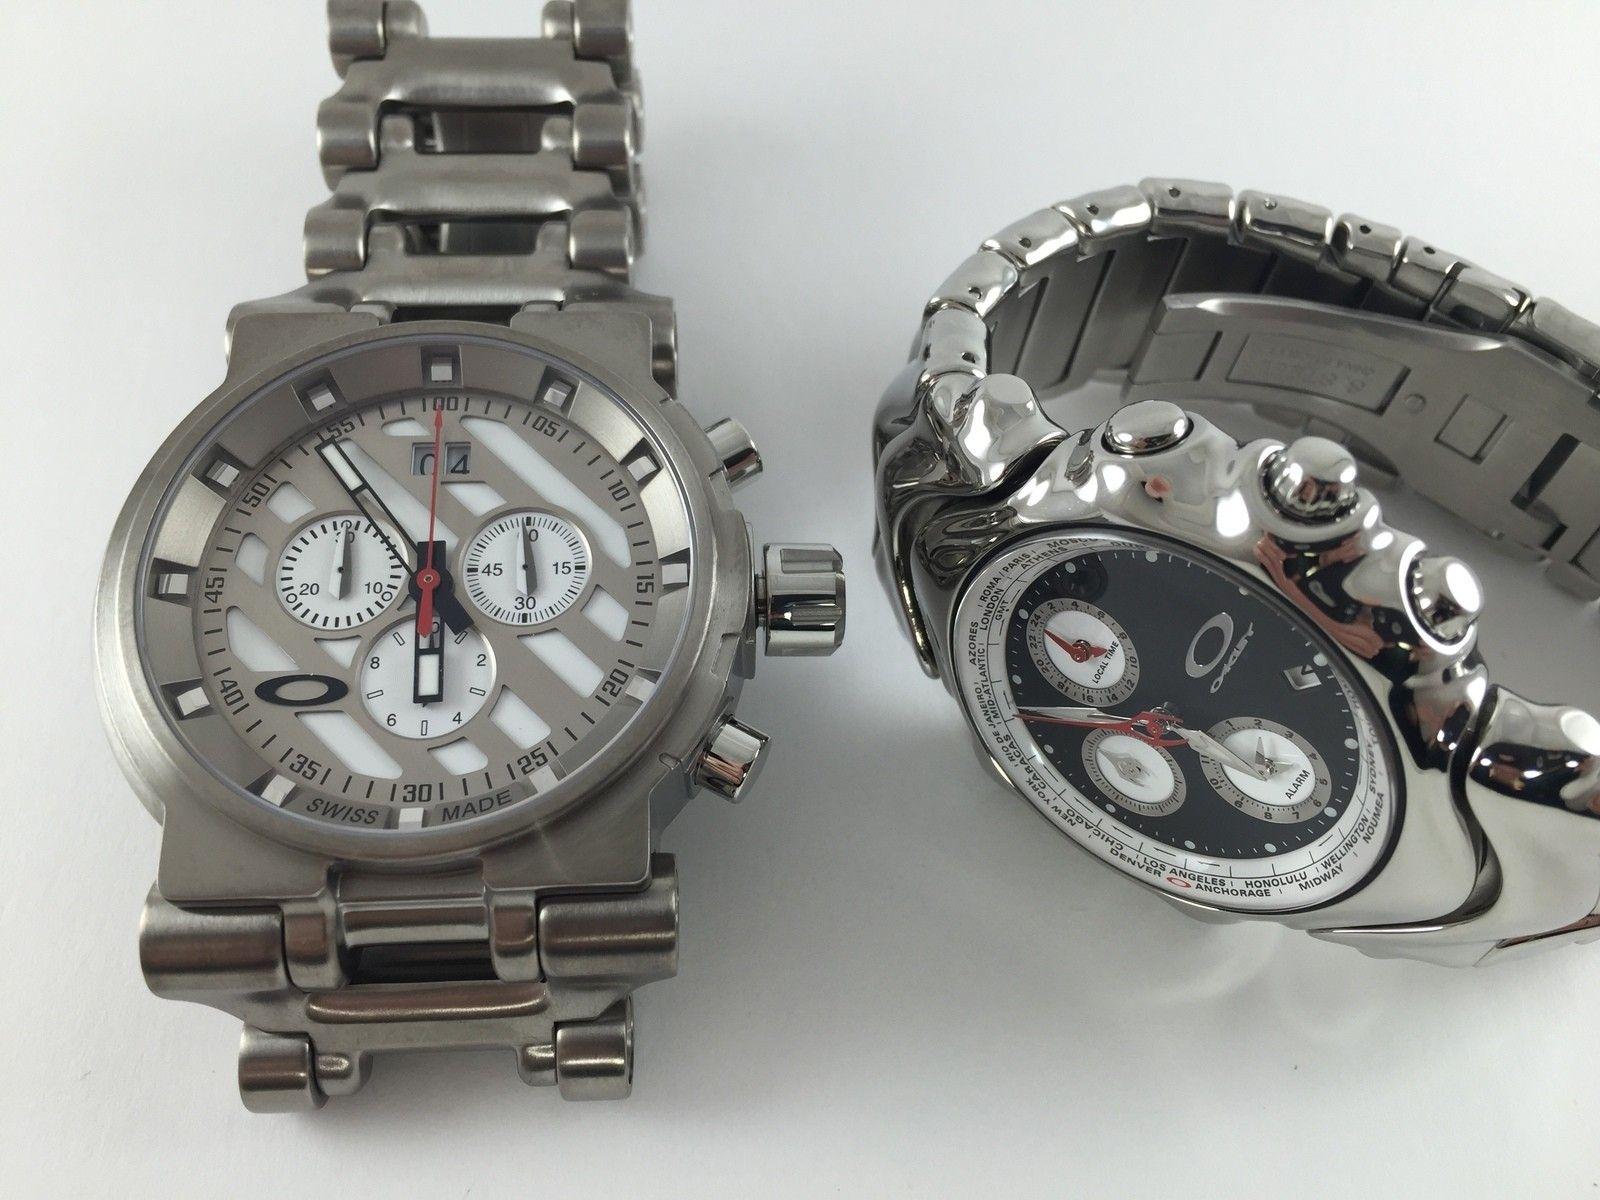 Hollow Point & GMT Watch - 15526864379_4662480b1b_o.jpg